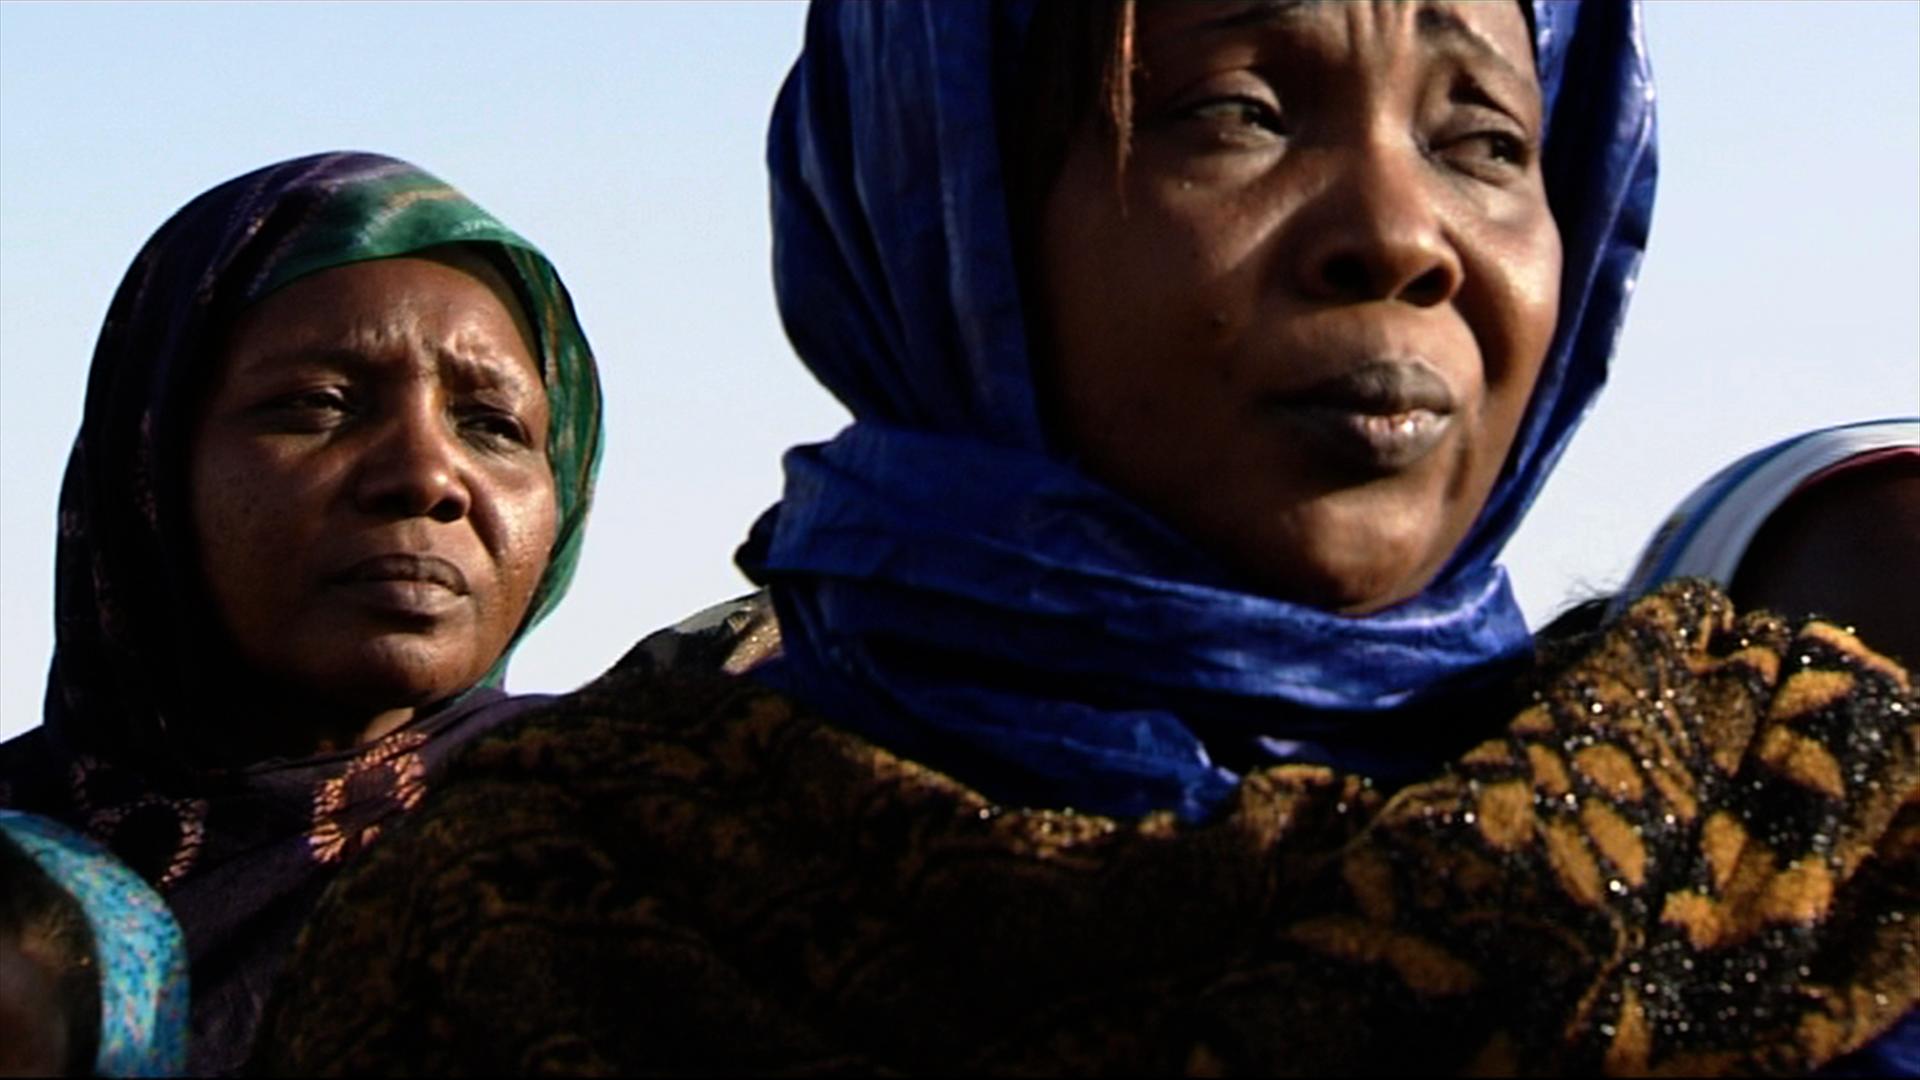 Des femmes supposées victimes du régime de Habré (Photo archive)